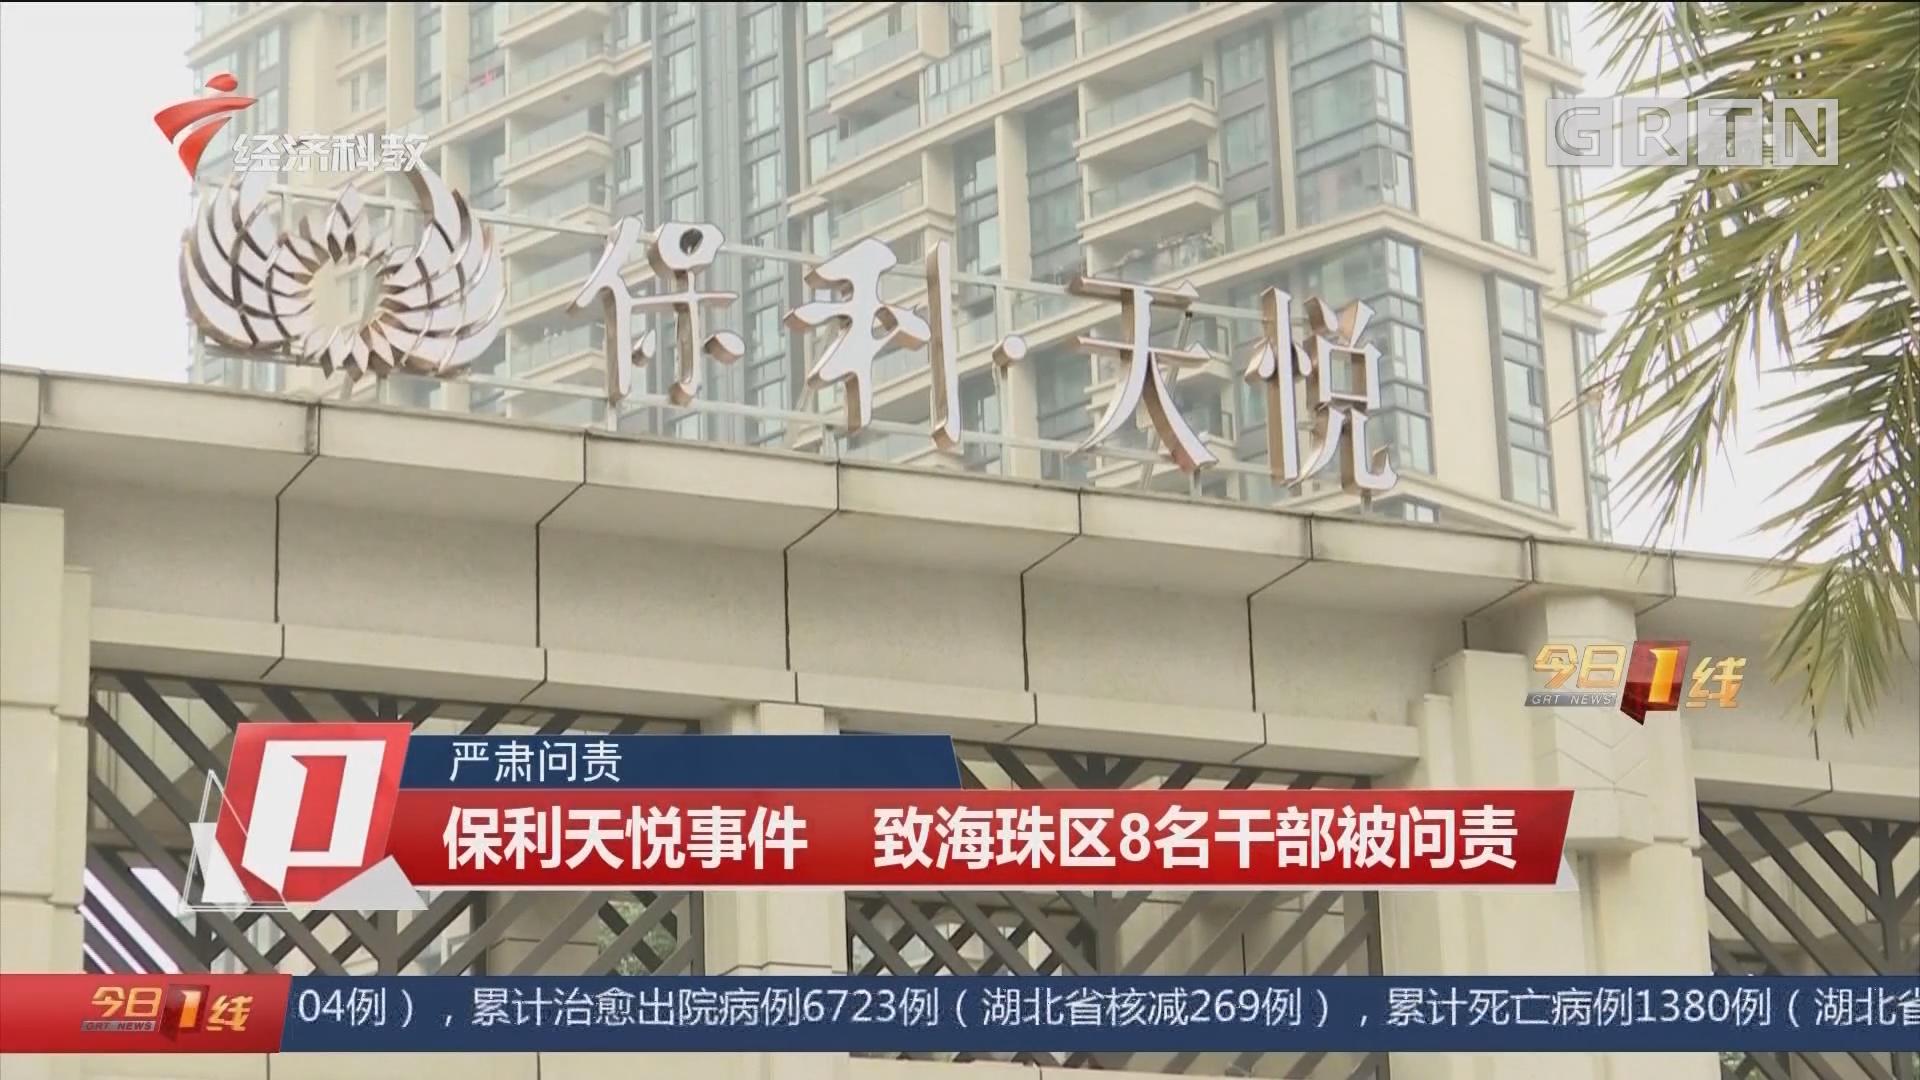 严肃问责:保利天悦事件 致海珠区8名干部被问责